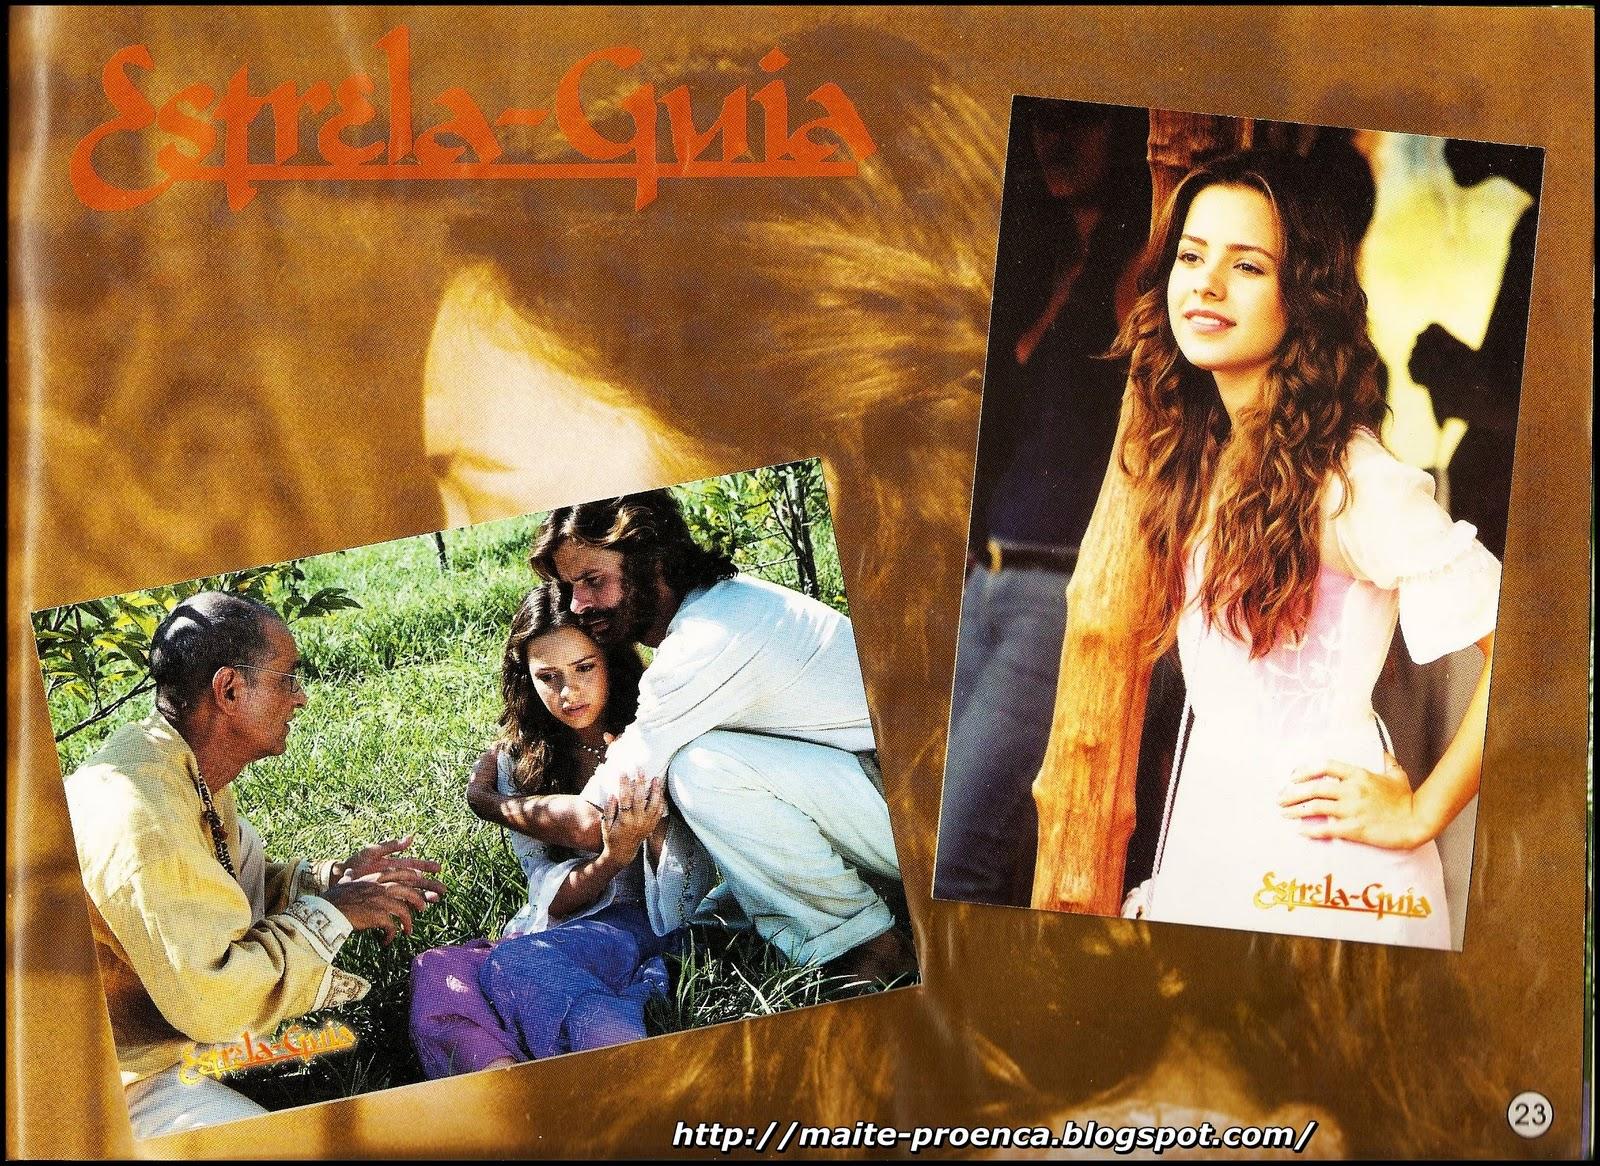 691+2001+Estrela+Guia+Album+(22).jpg